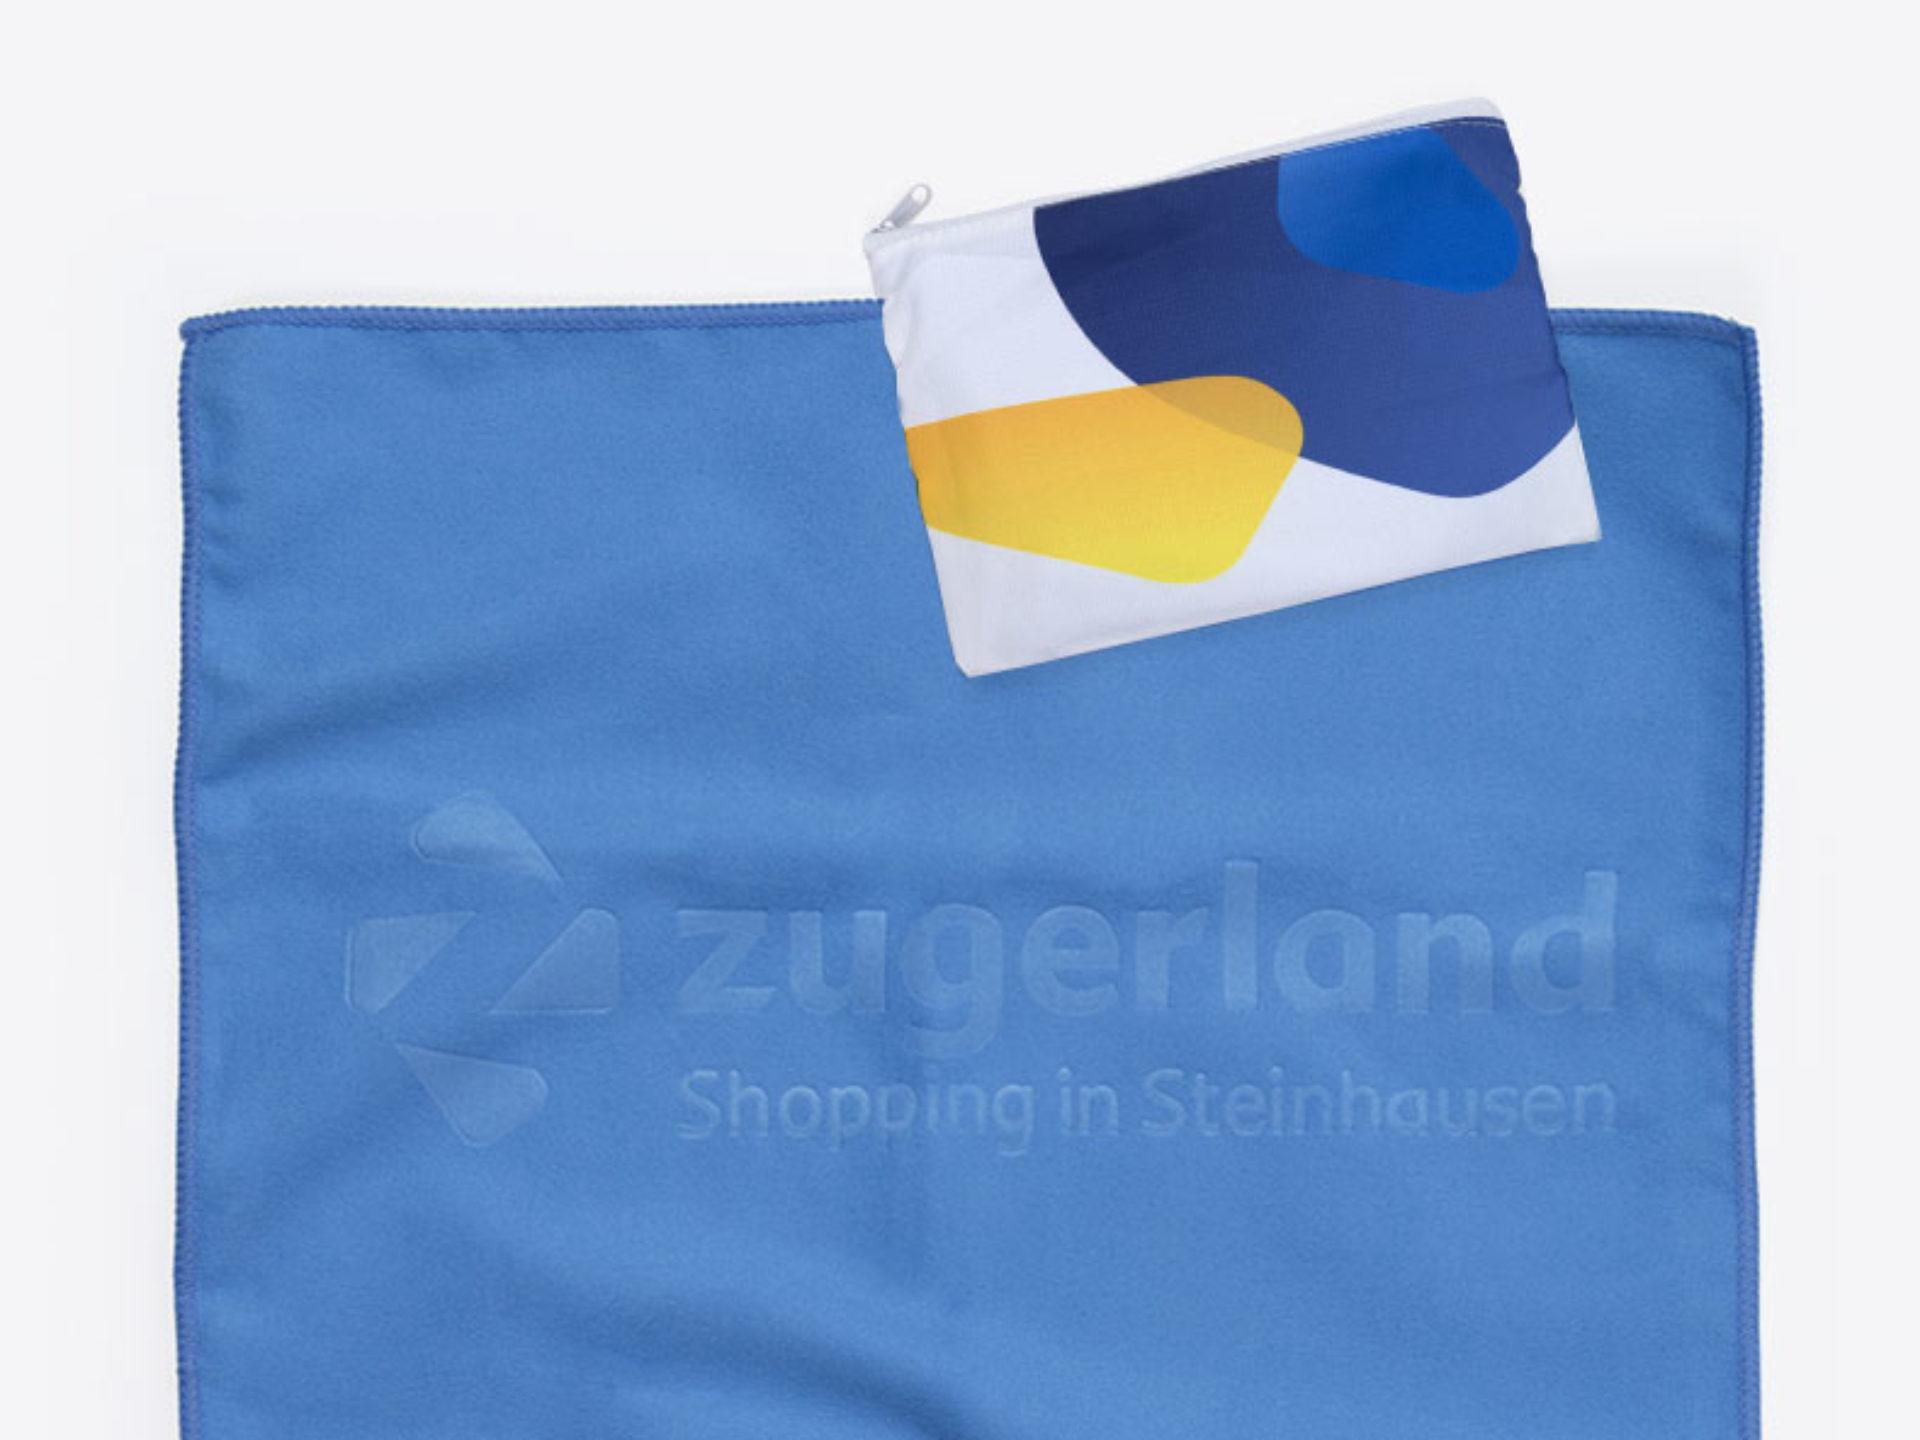 Mikrofasertuch mit Logo-Praegung und Hülle im Digitaldruck